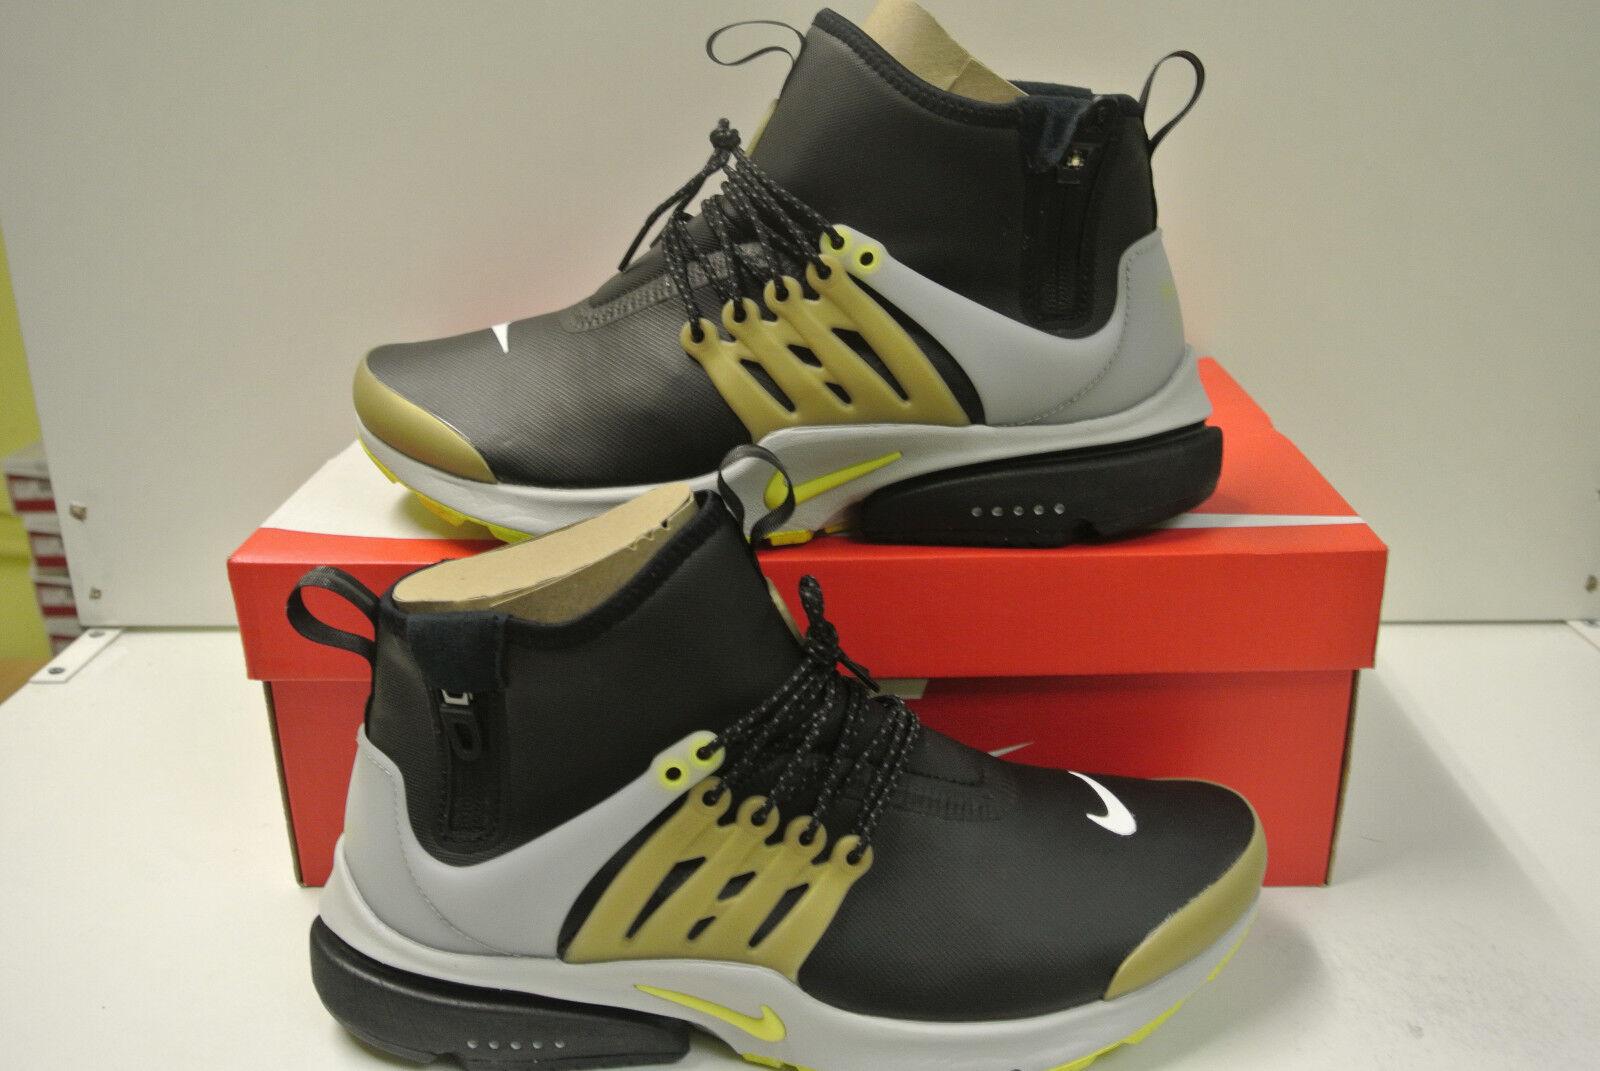 Nike Air Presto Mid Utility Größe wählbar wählbar wählbar Neu & OVP 859524 002  0fac59